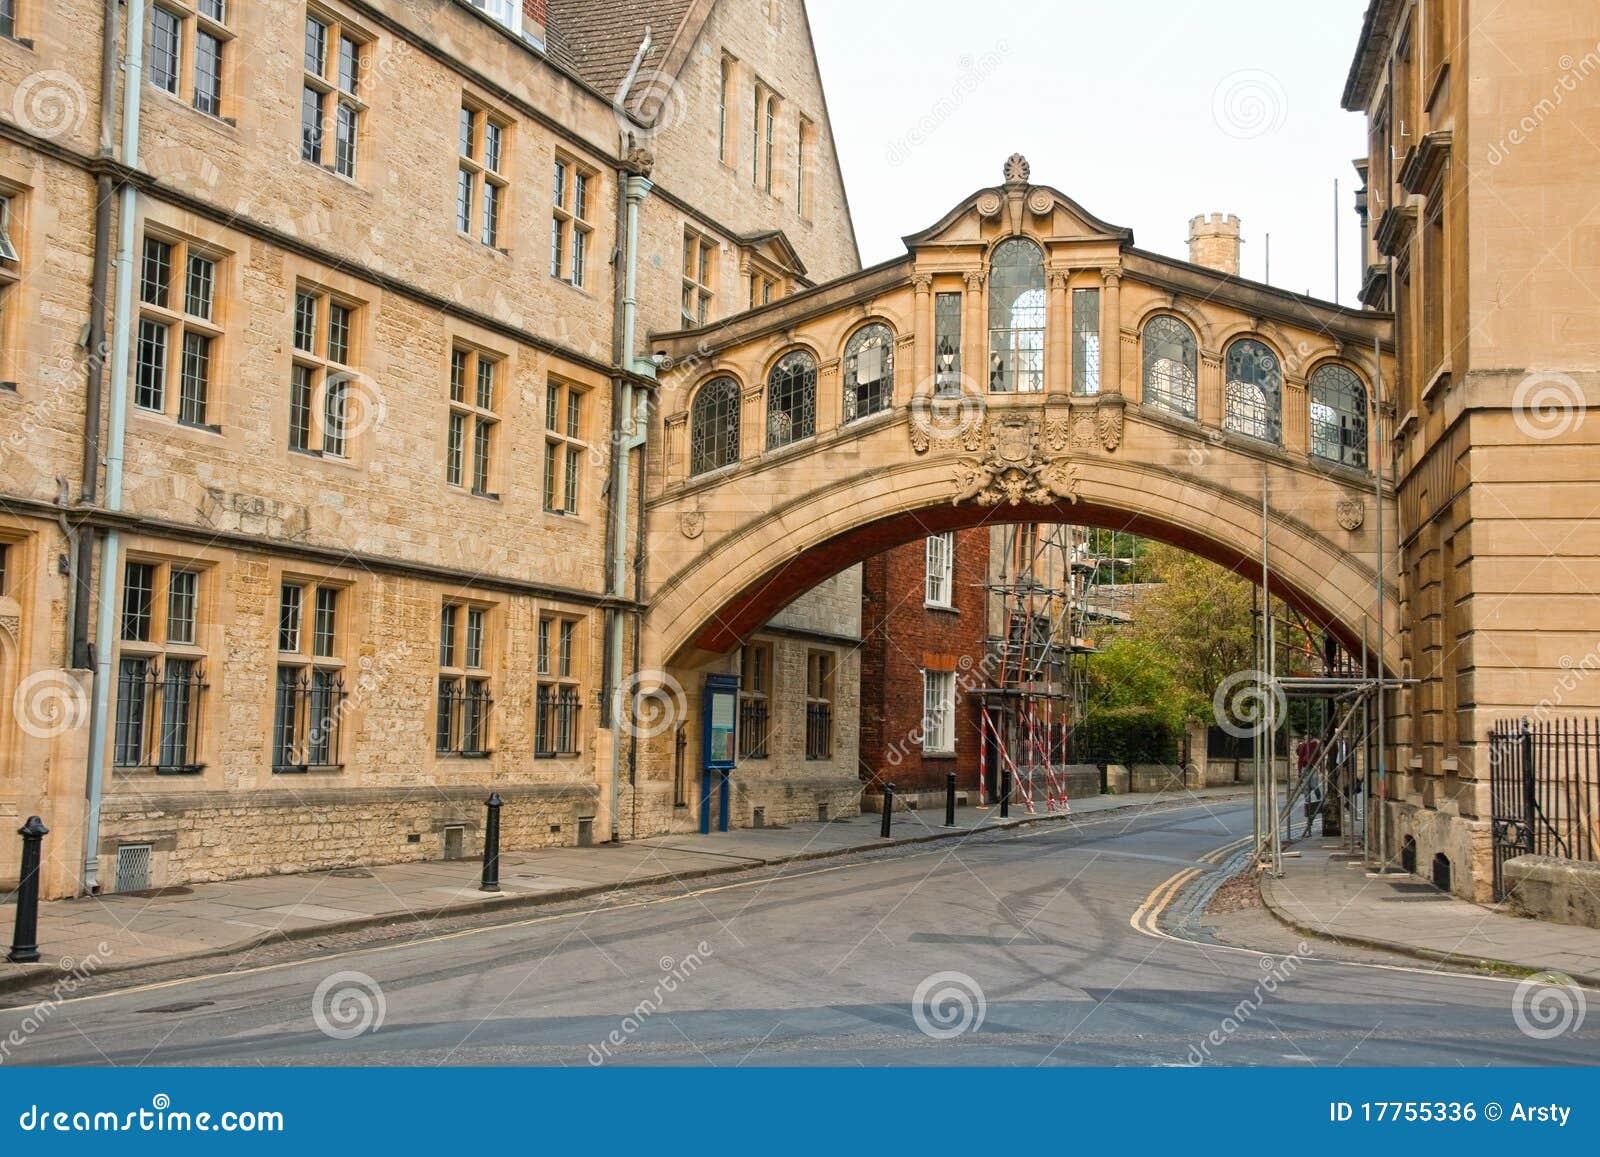 Oxford (AL) United States  city images : Ville D'Oxford. LE R U Image libre de droits Image: 17755336